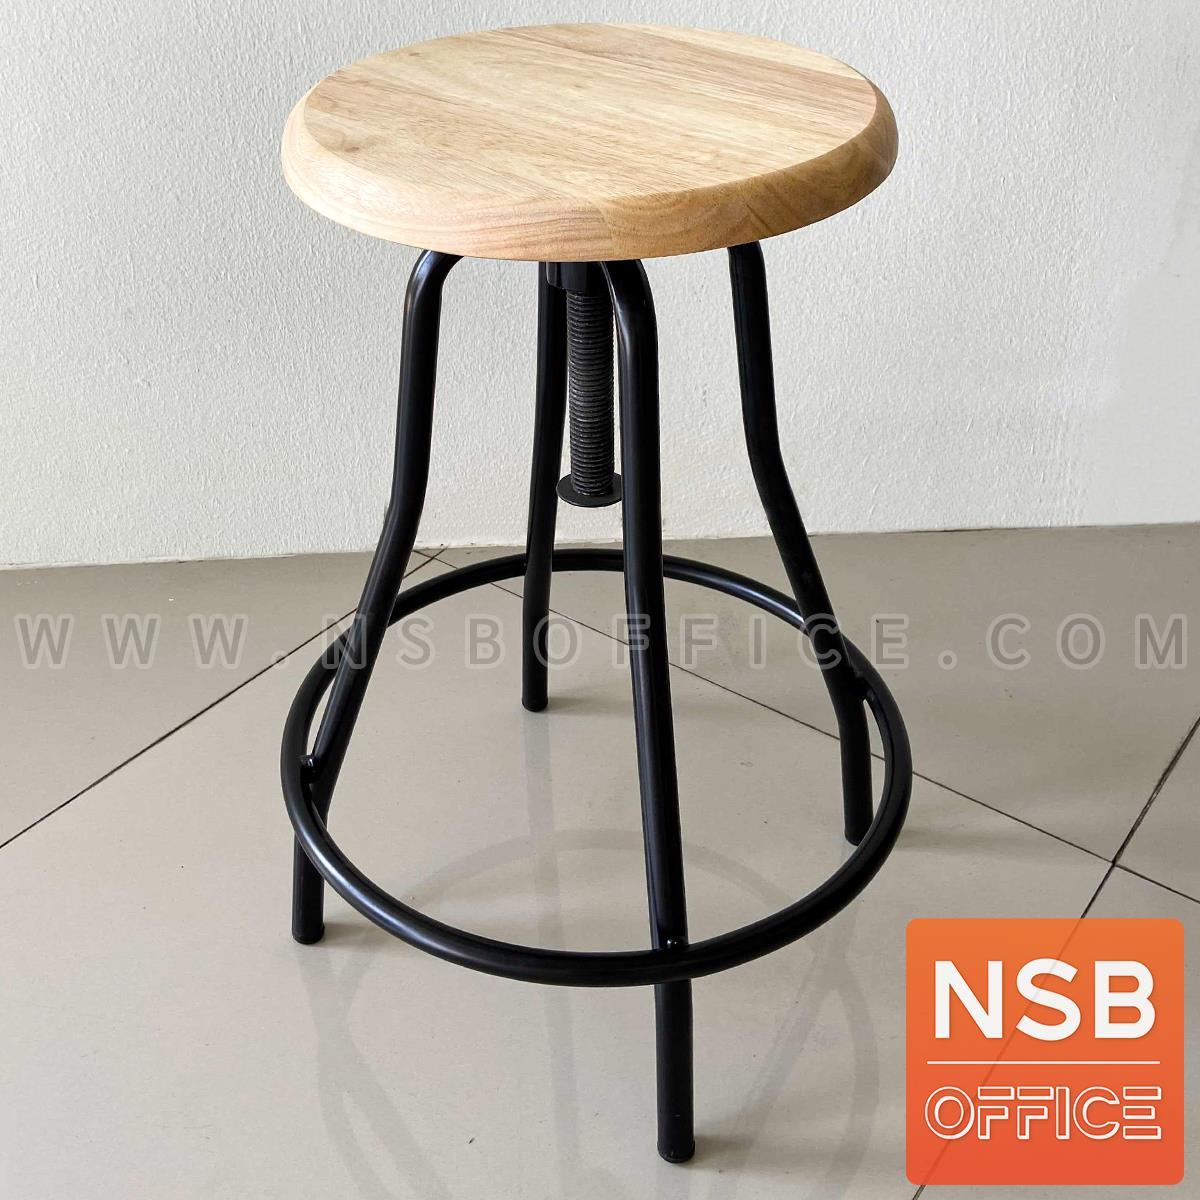 B02A102:เก้าอี้บาร์สตูลหน้าไม้ที่นั่งกลม รุ่น Restorex  โครงเหล็ก